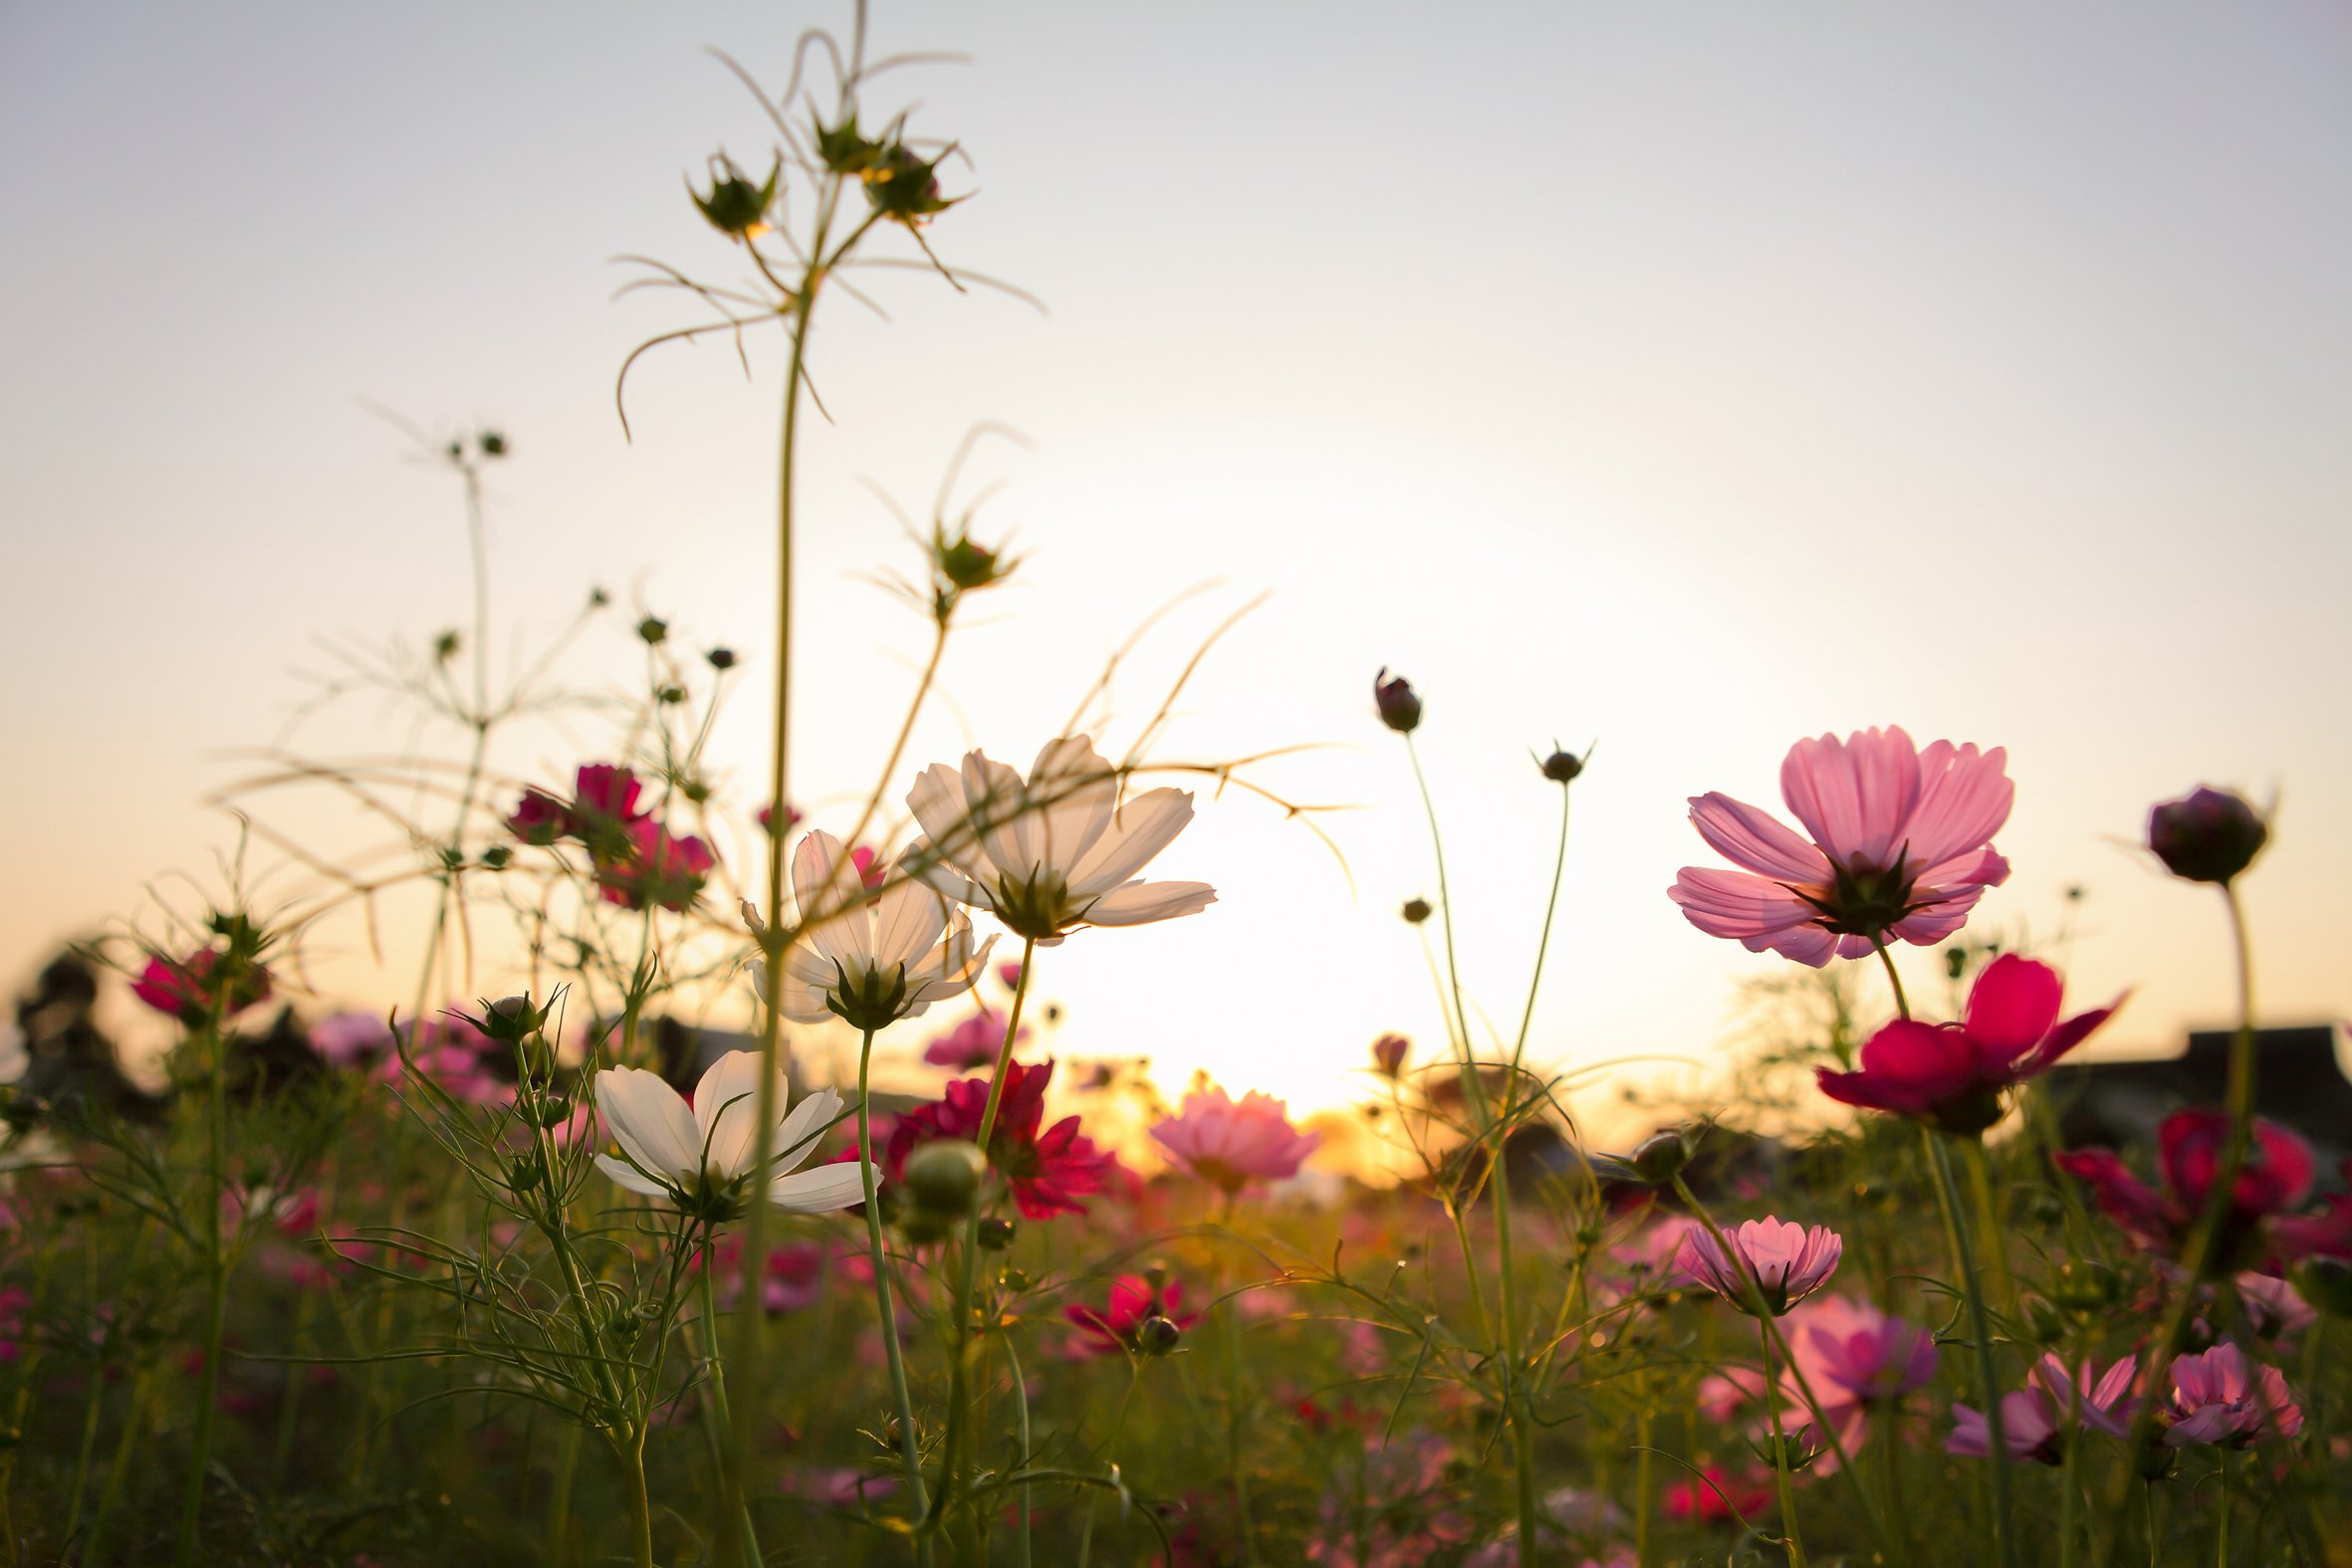 primo piano di fiori in un giardino